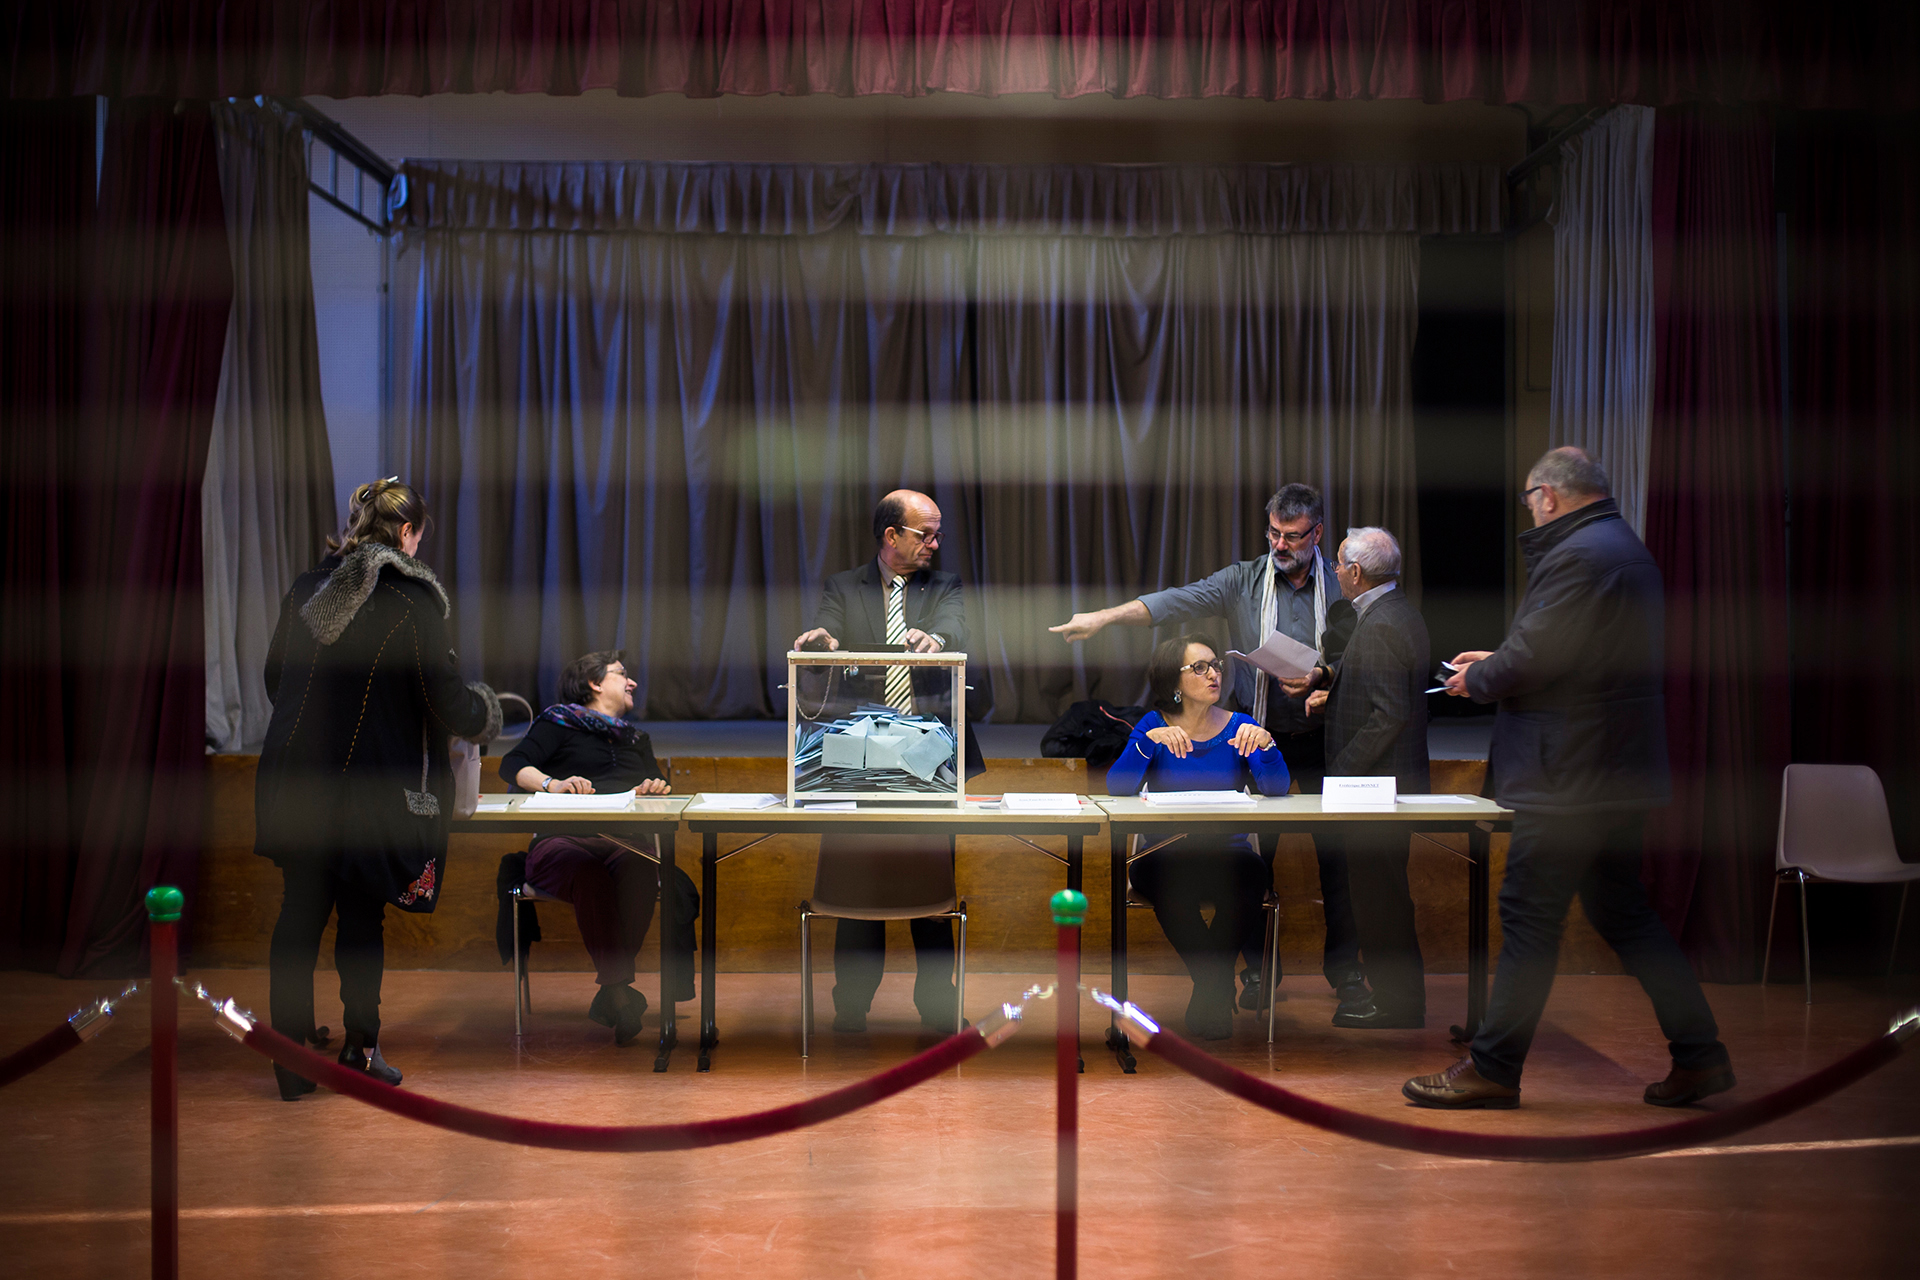 Bureau de vote de Fontaines Saint Martin, un des villages qui fait partie de la métropole de Lyon. Dimanche 6 décembre.